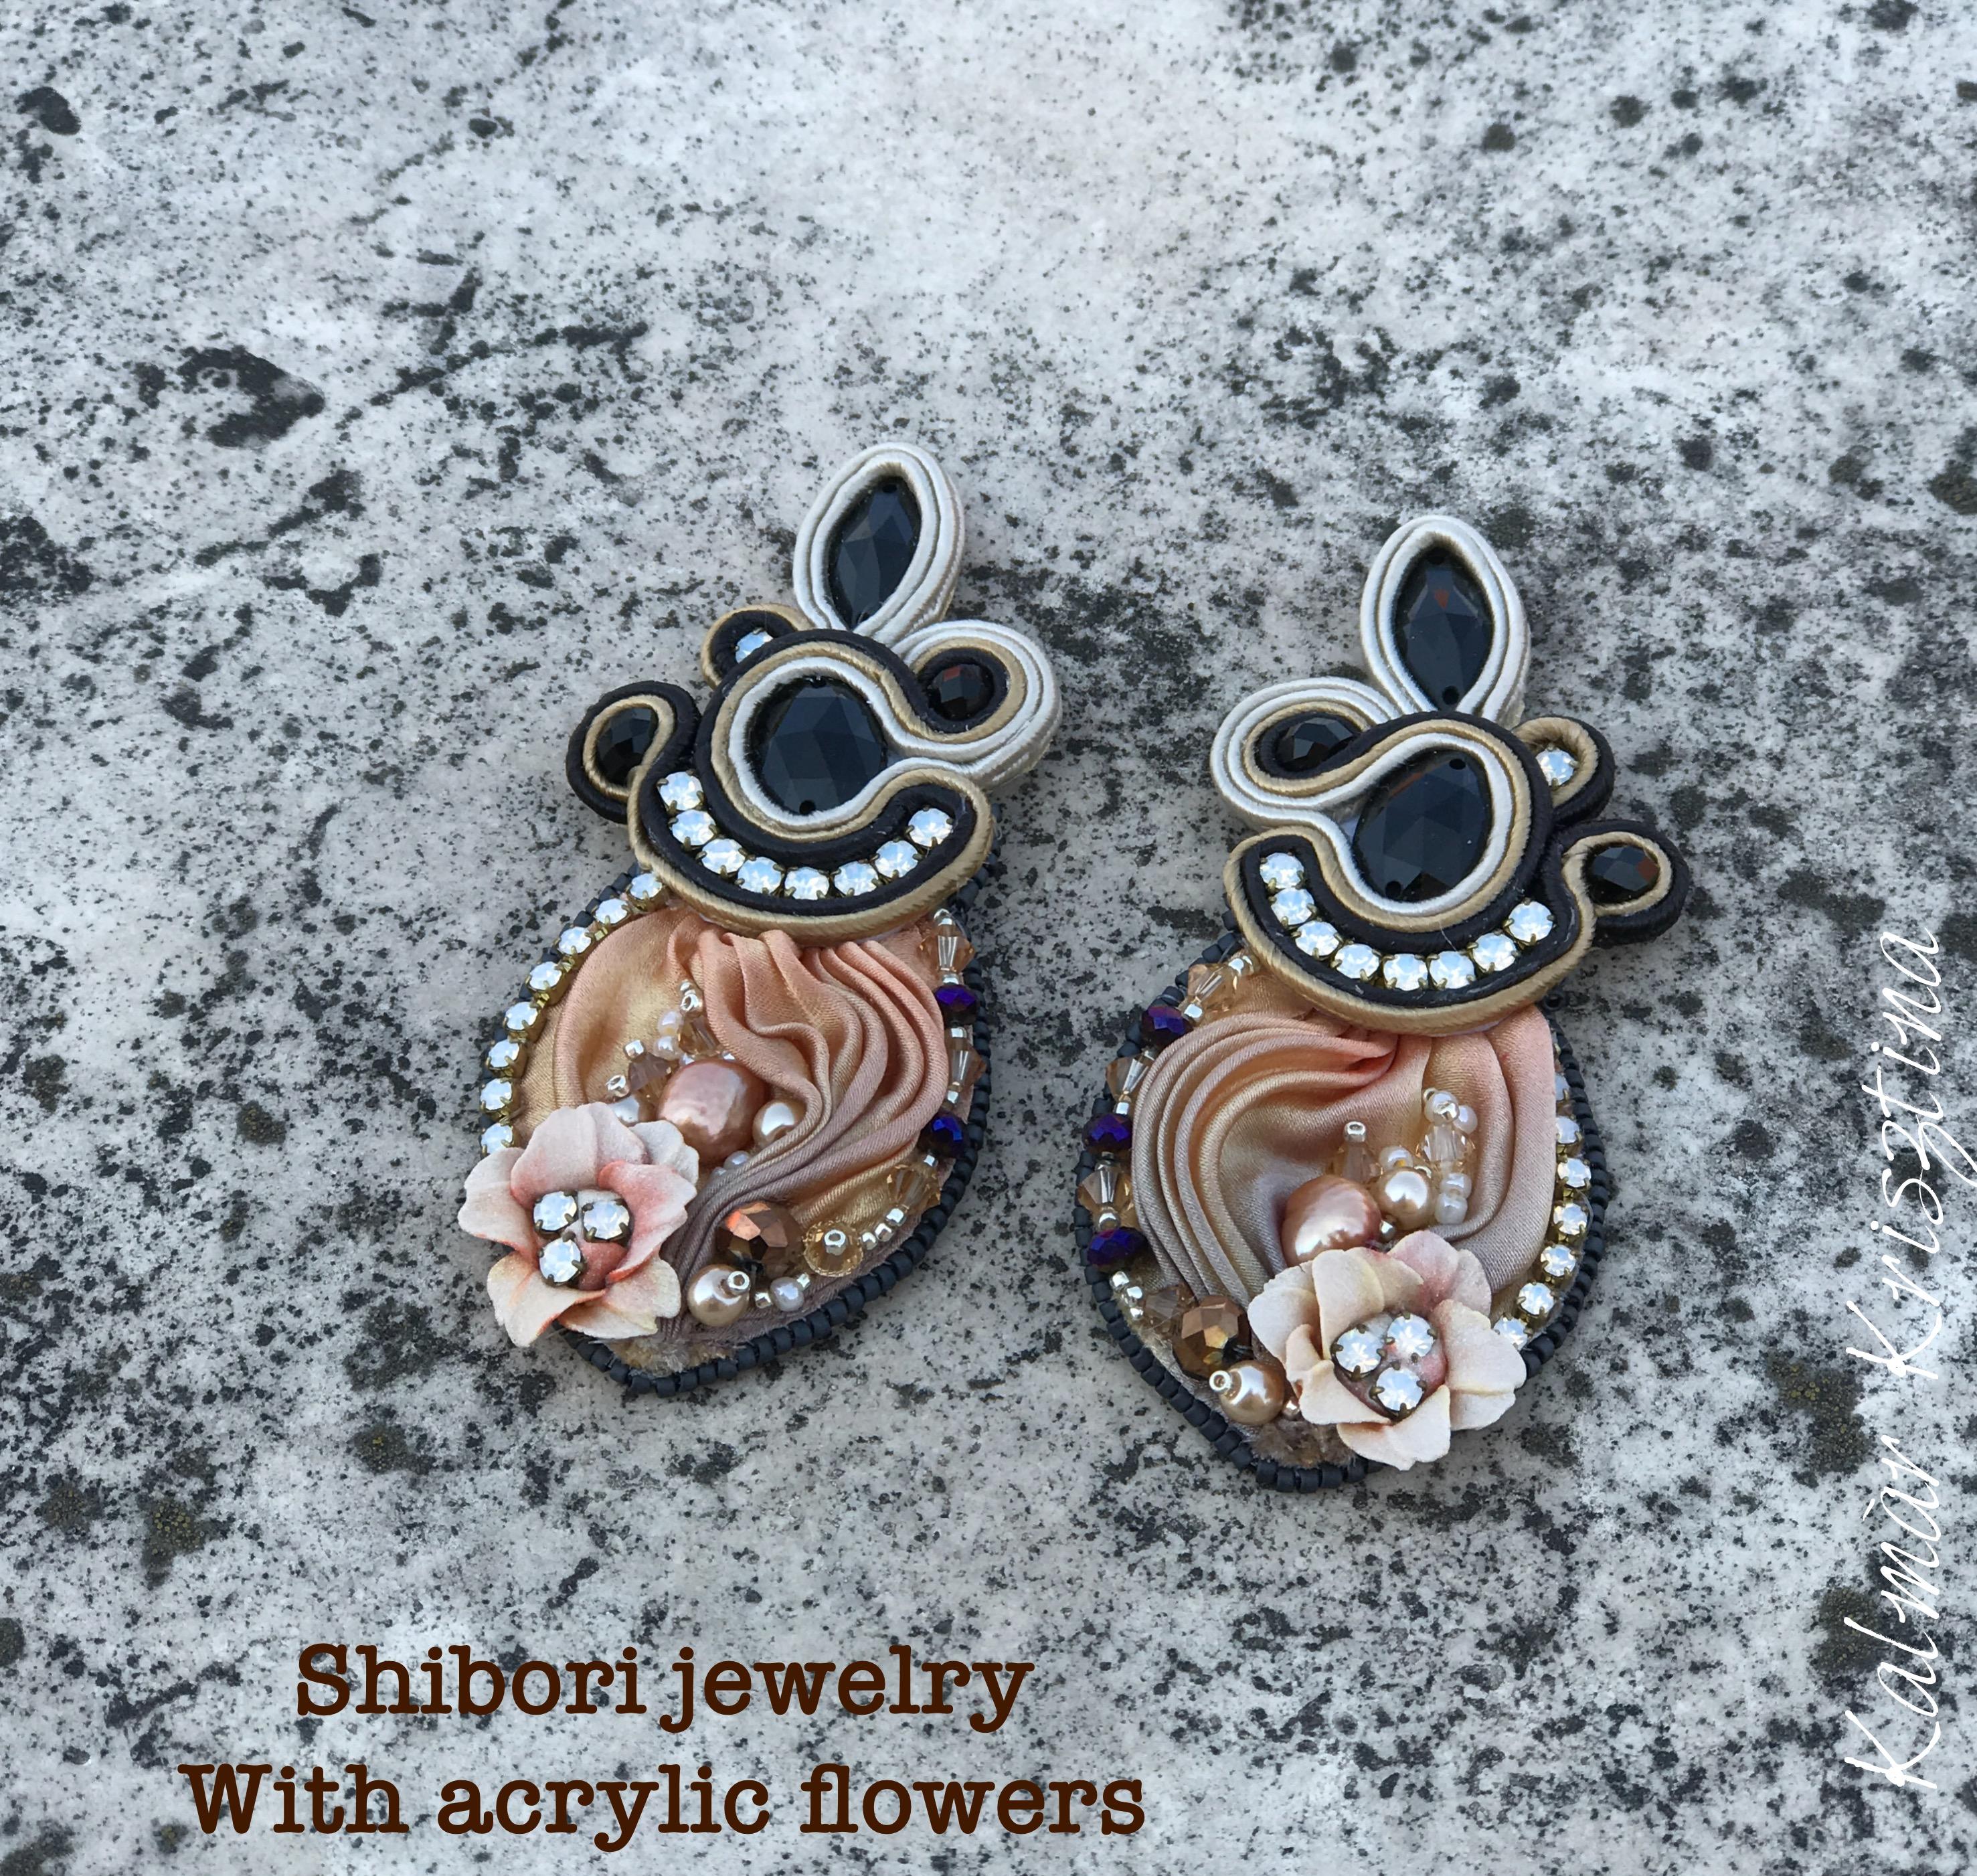 Shibori & Jewellery